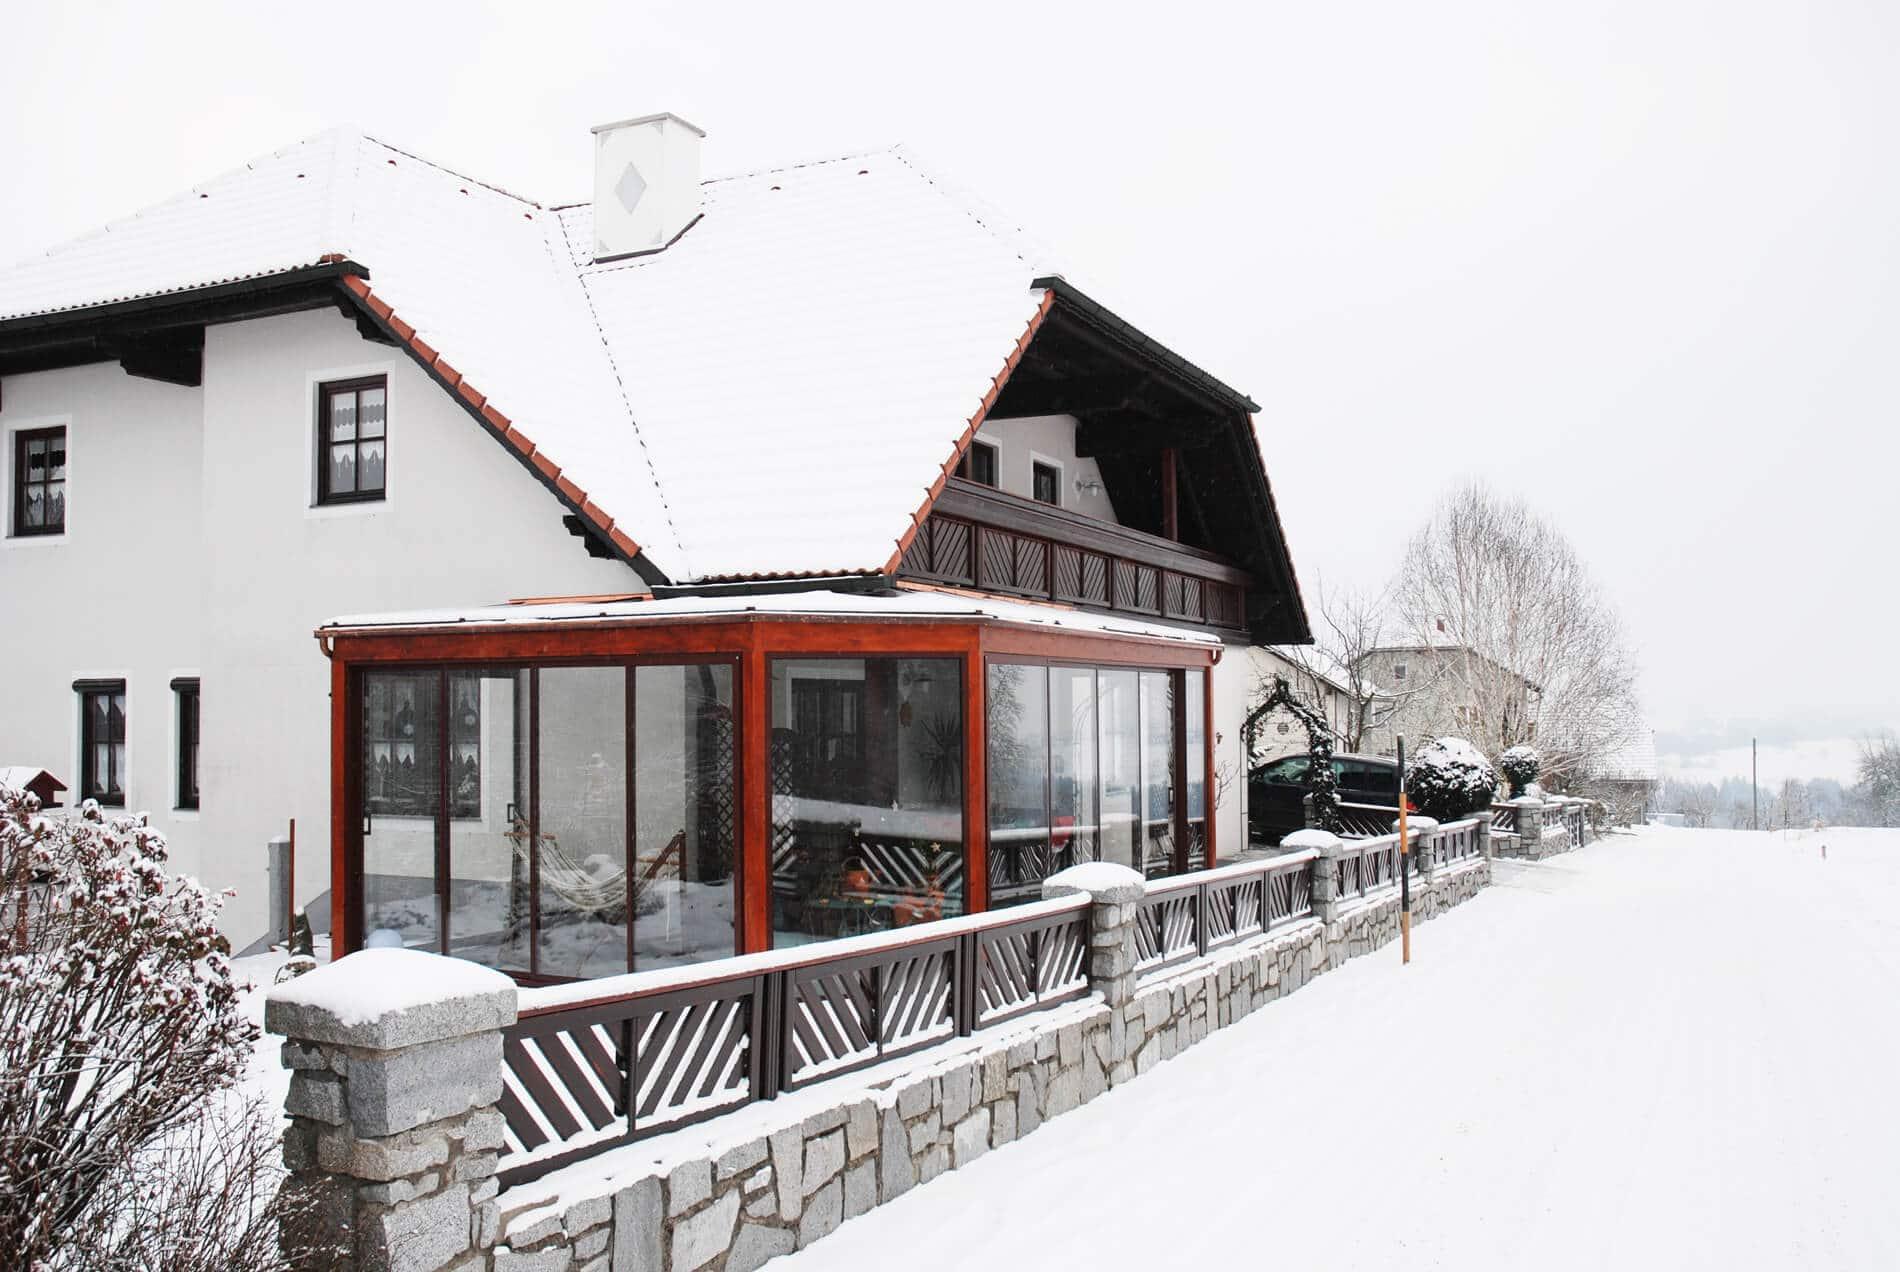 Wintergarten RAL 8019 mit Schiebeverglasungen